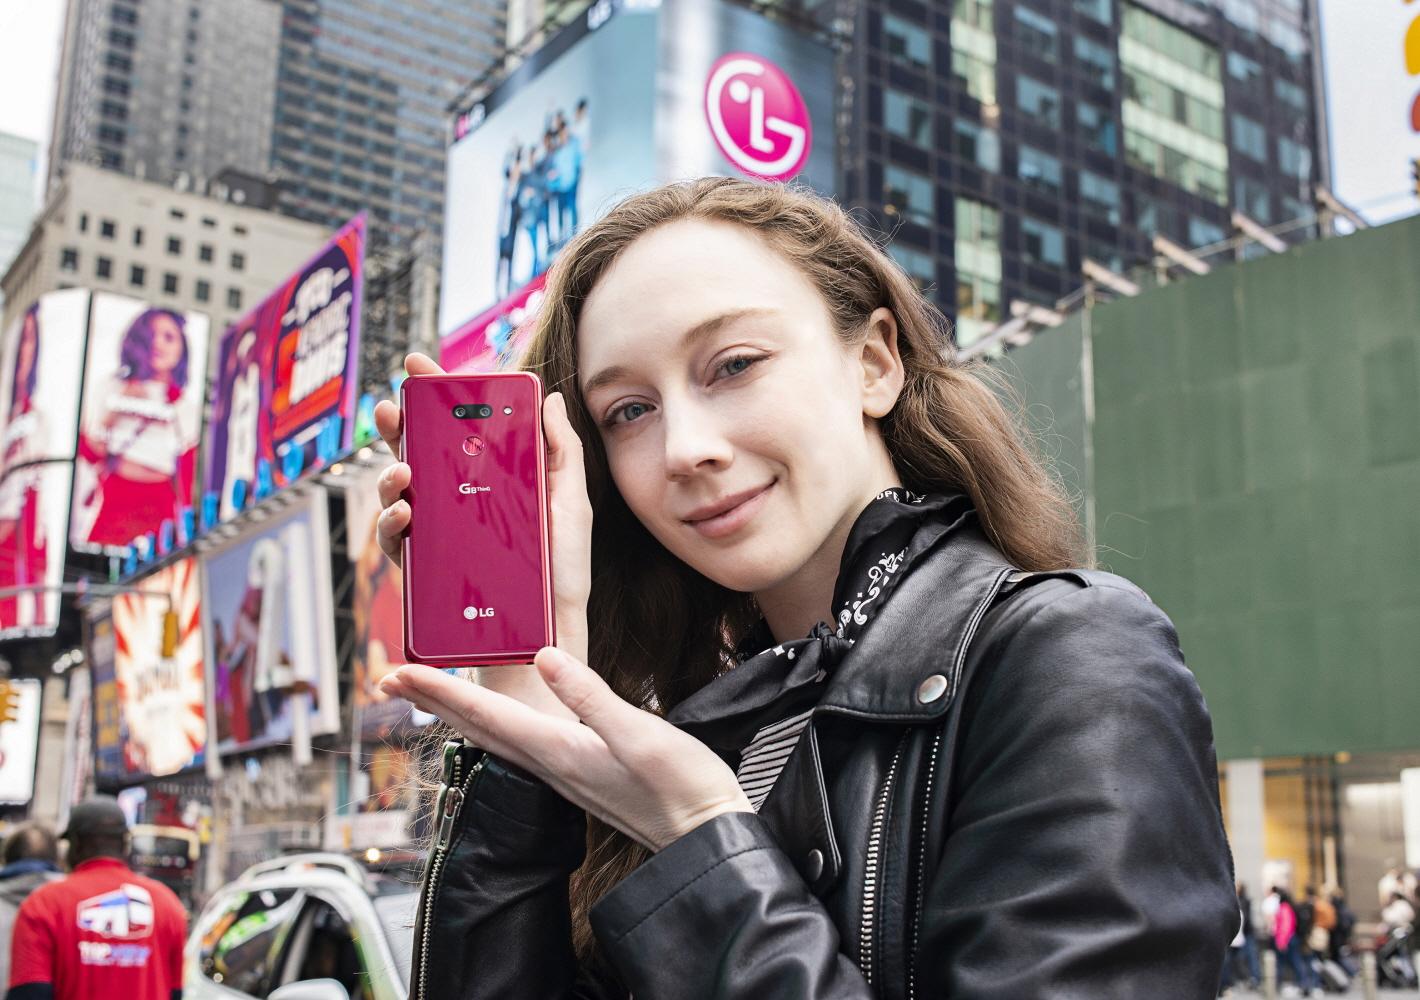 12일 모델이 미국 뉴욕 맨하탄에 위치한 랜드마크 건축물 '베슬(Vessel)'을 배경으로 LG G8 ThinQ의 얼굴인식과 셀카를 체험해보고 있다. LG G8 ThinQ는 Z카메라는 ToF 센서와 적외선 센서의 조합으로 아주 어둡거나 밝아도 사용자의 얼굴을 정확히 구분한다.